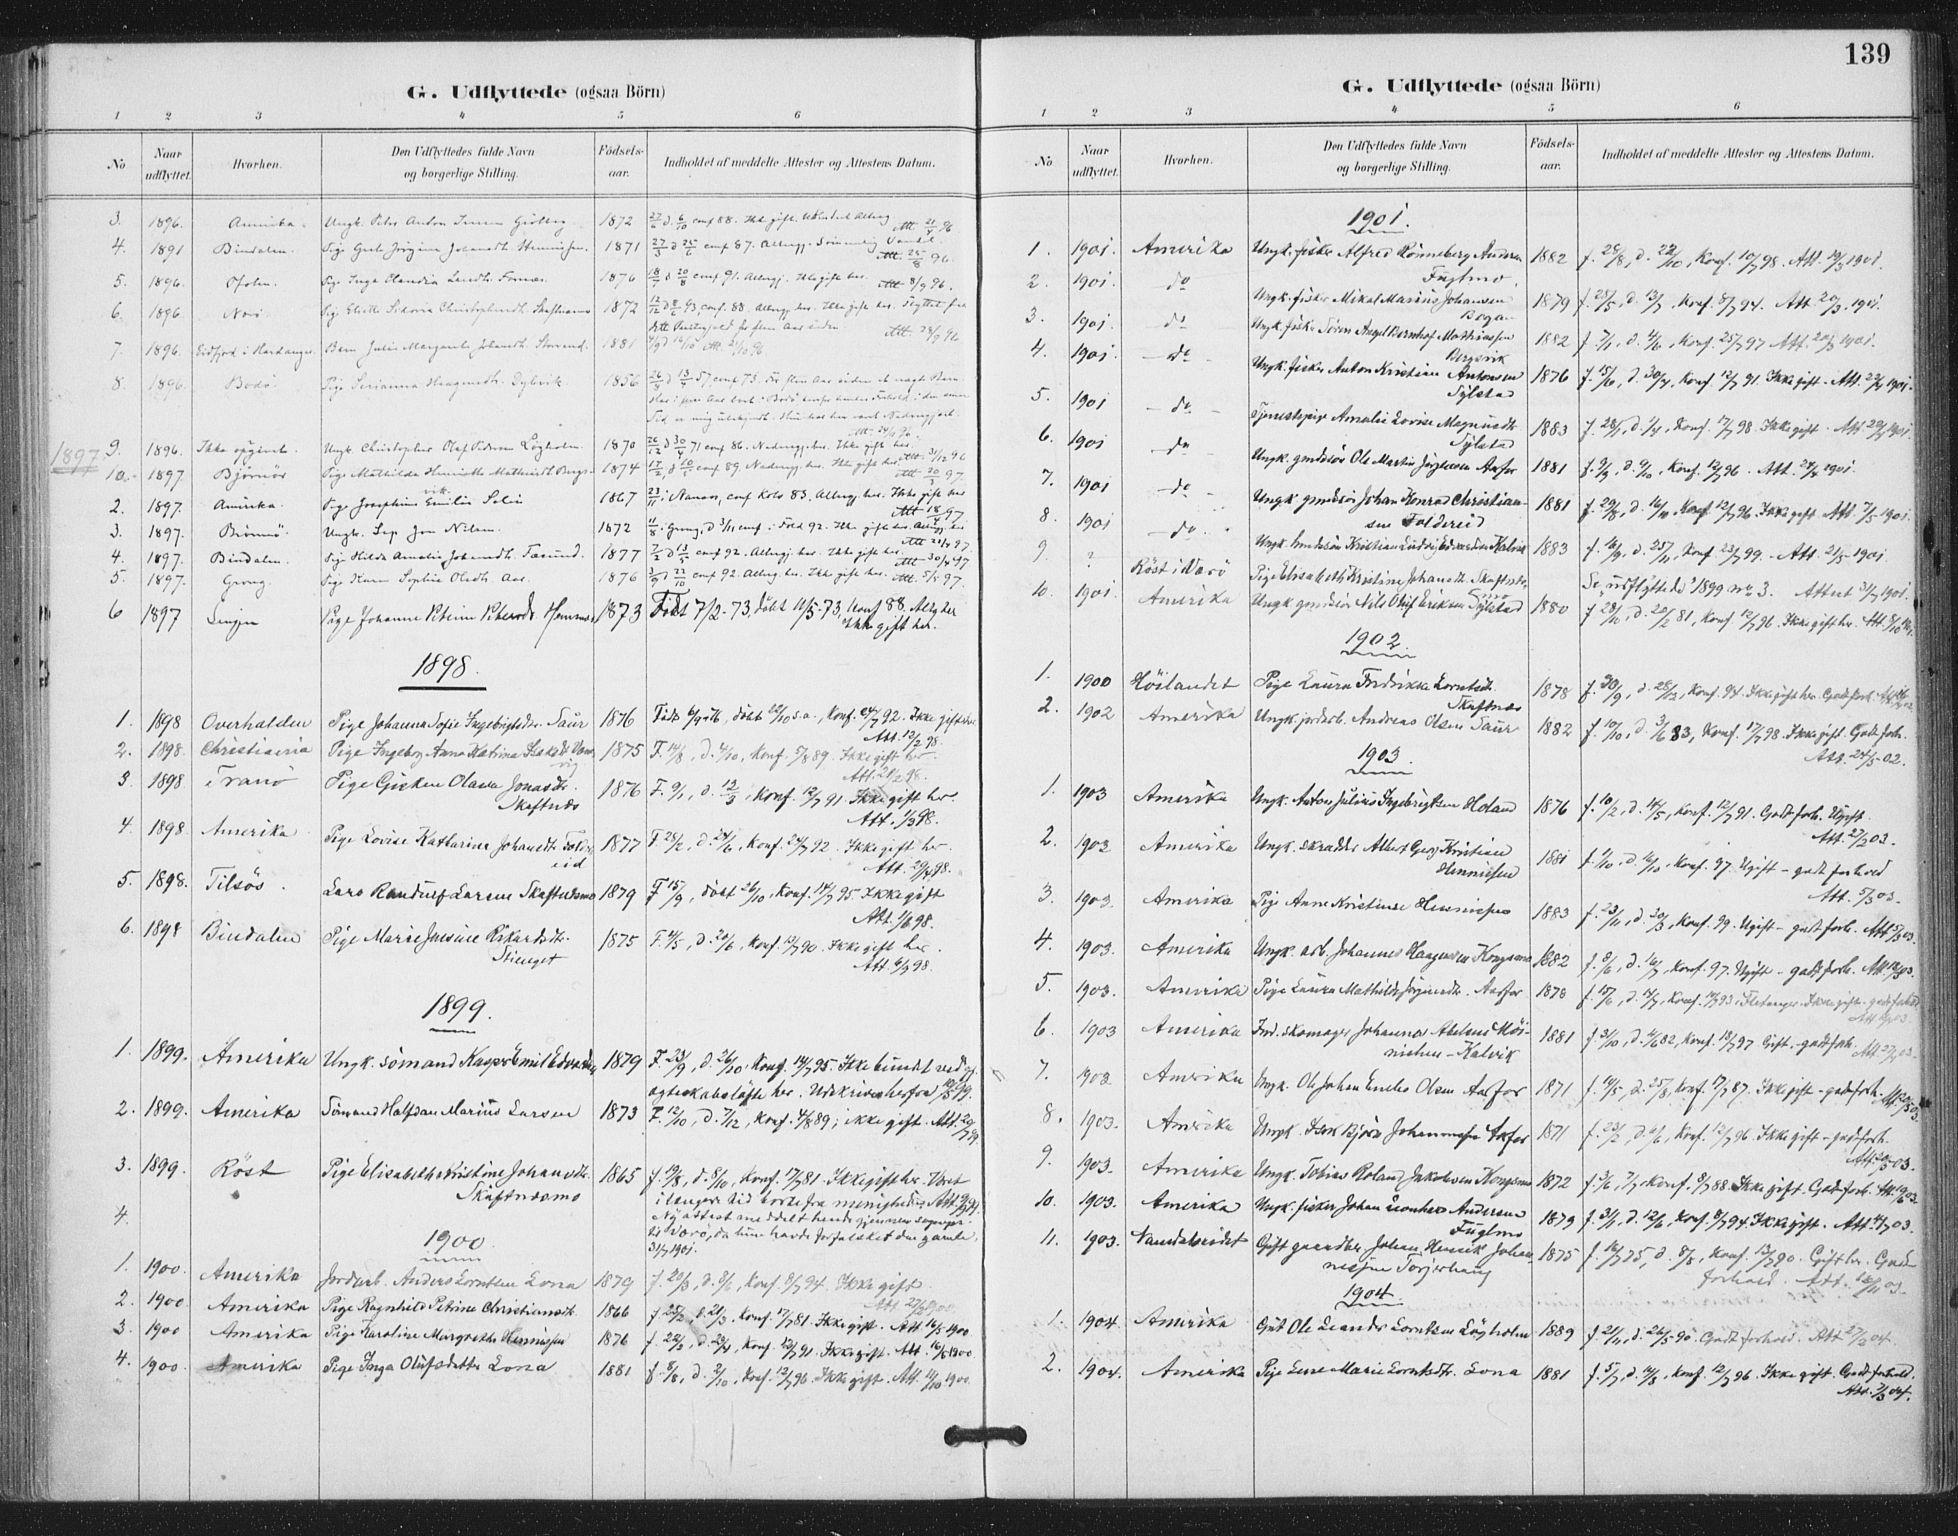 SAT, Ministerialprotokoller, klokkerbøker og fødselsregistre - Nord-Trøndelag, 783/L0660: Ministerialbok nr. 783A02, 1886-1918, s. 139